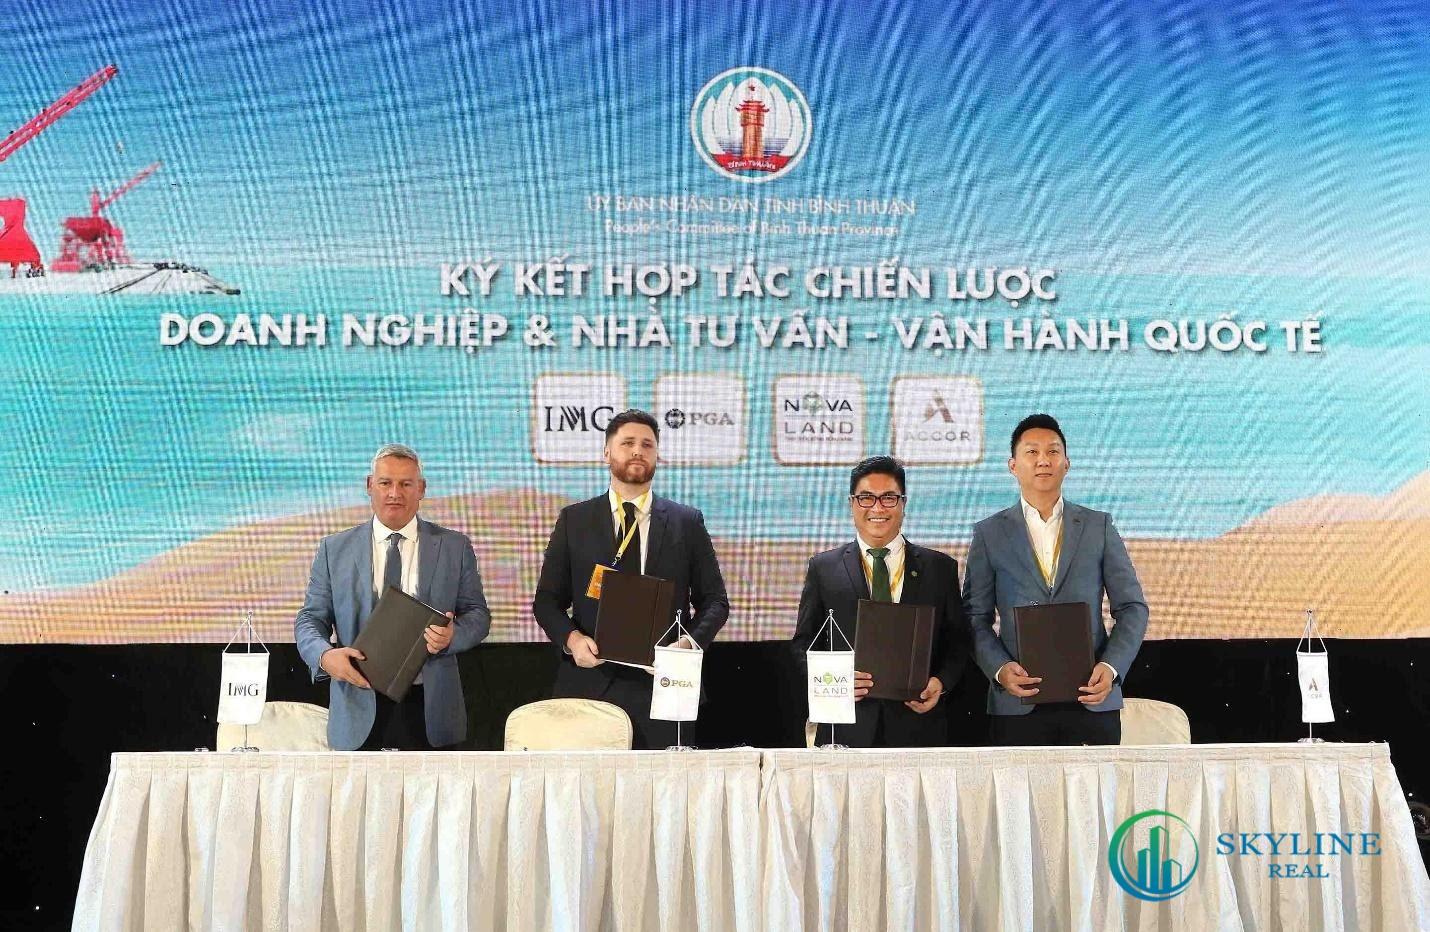 Novaland ký kết hợp tác với PGA và IMG tại Hội nghị xúc tiến đầu tư tỉnh Bình Thuận tháng 09/2019.